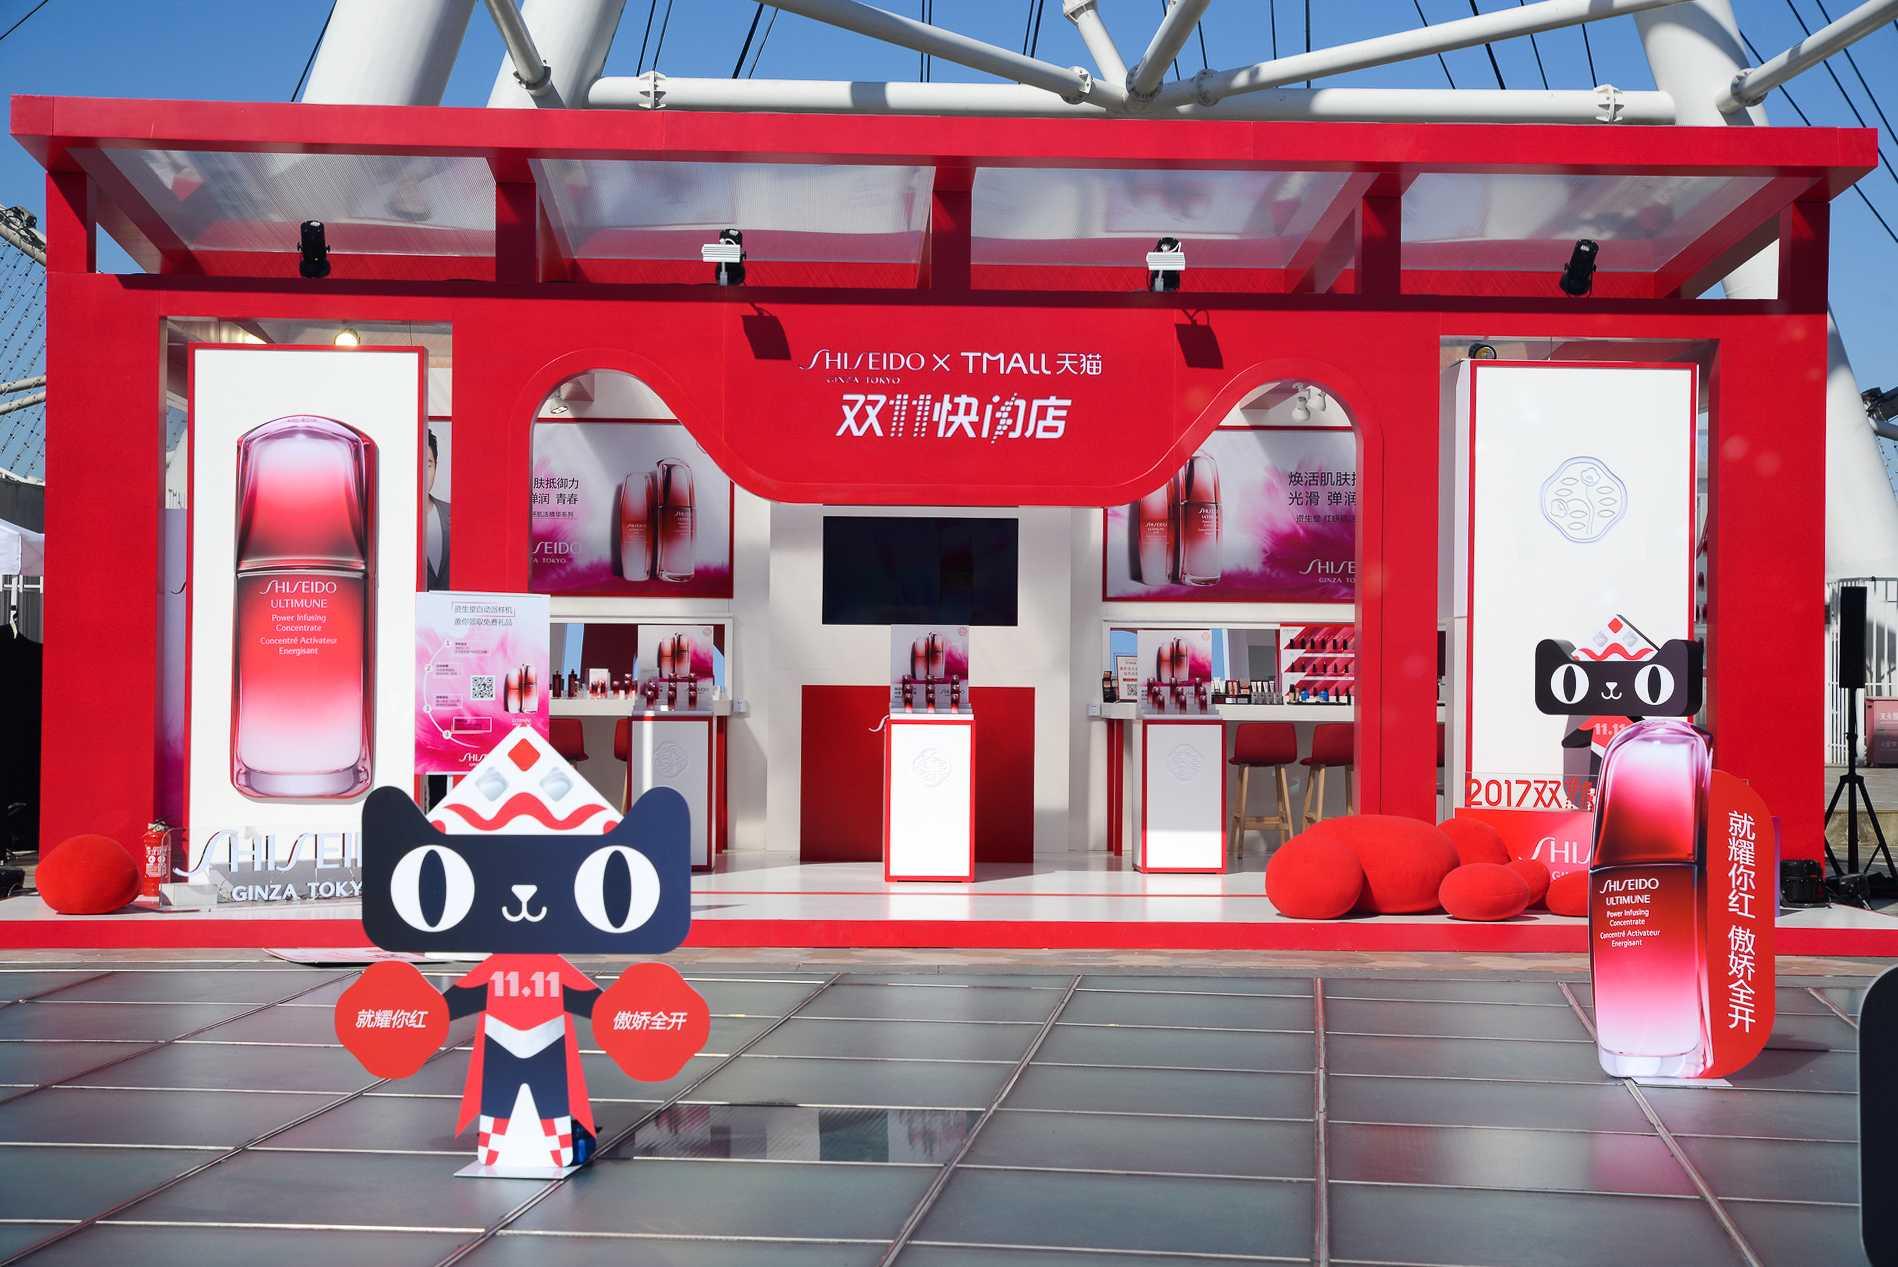 这些日本品牌们为何都集体到中国